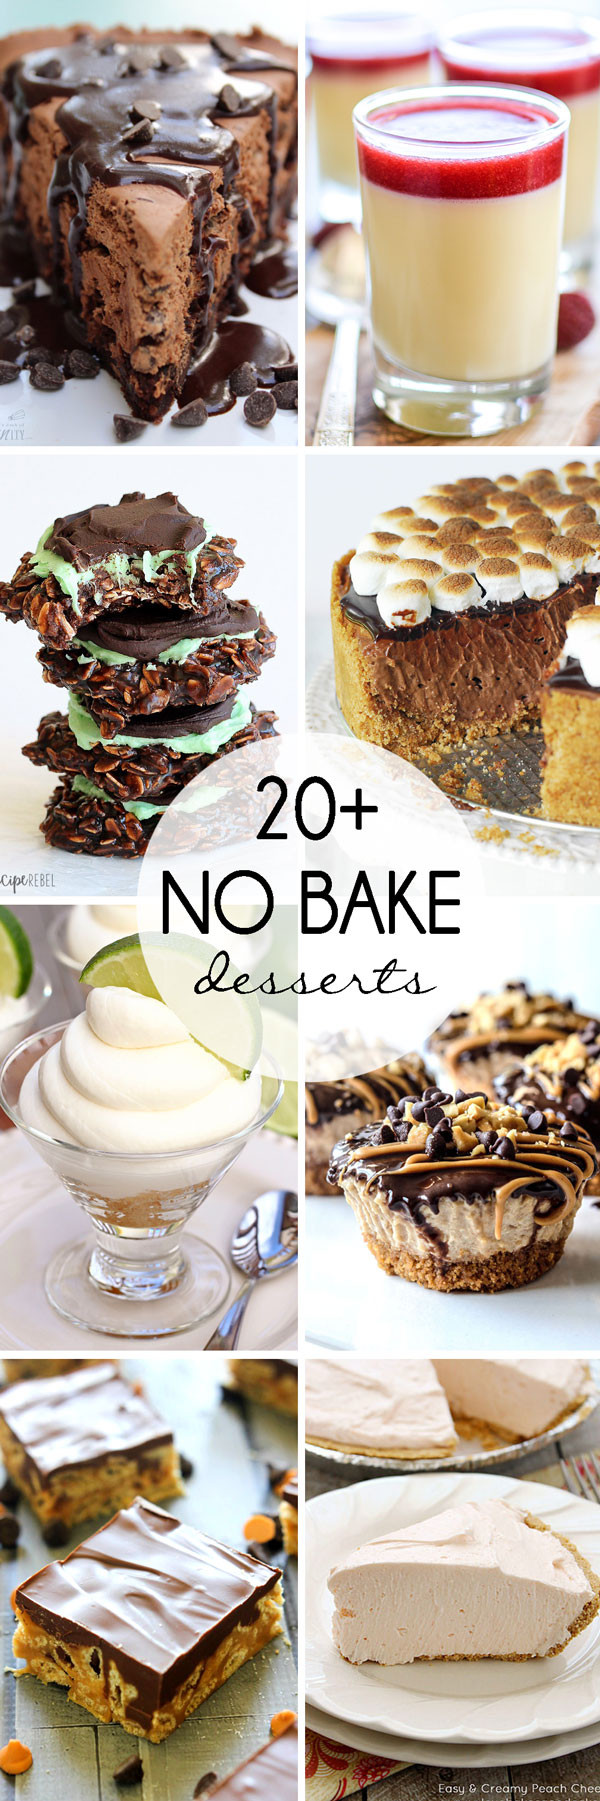 Summer No Bake Desserts  20 No Bake Desserts for Summer